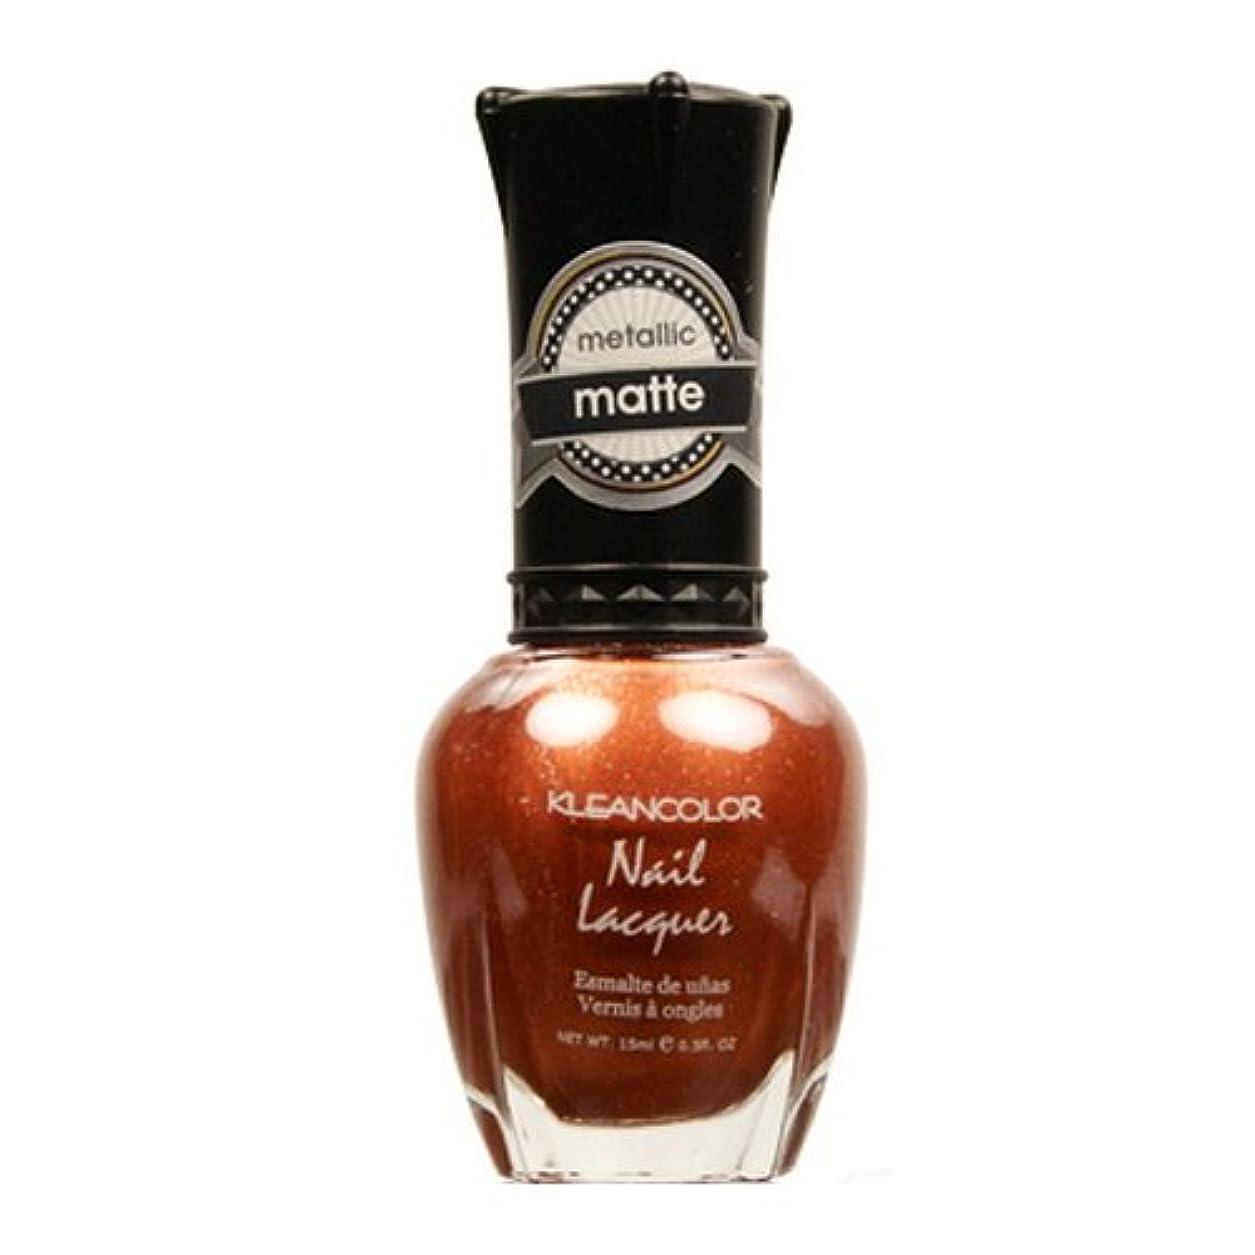 ヘリコプターニュージーランドガイド(3 Pack) KLEANCOLOR Matte Nail Lacquer - Oh So Teasing (並行輸入品)